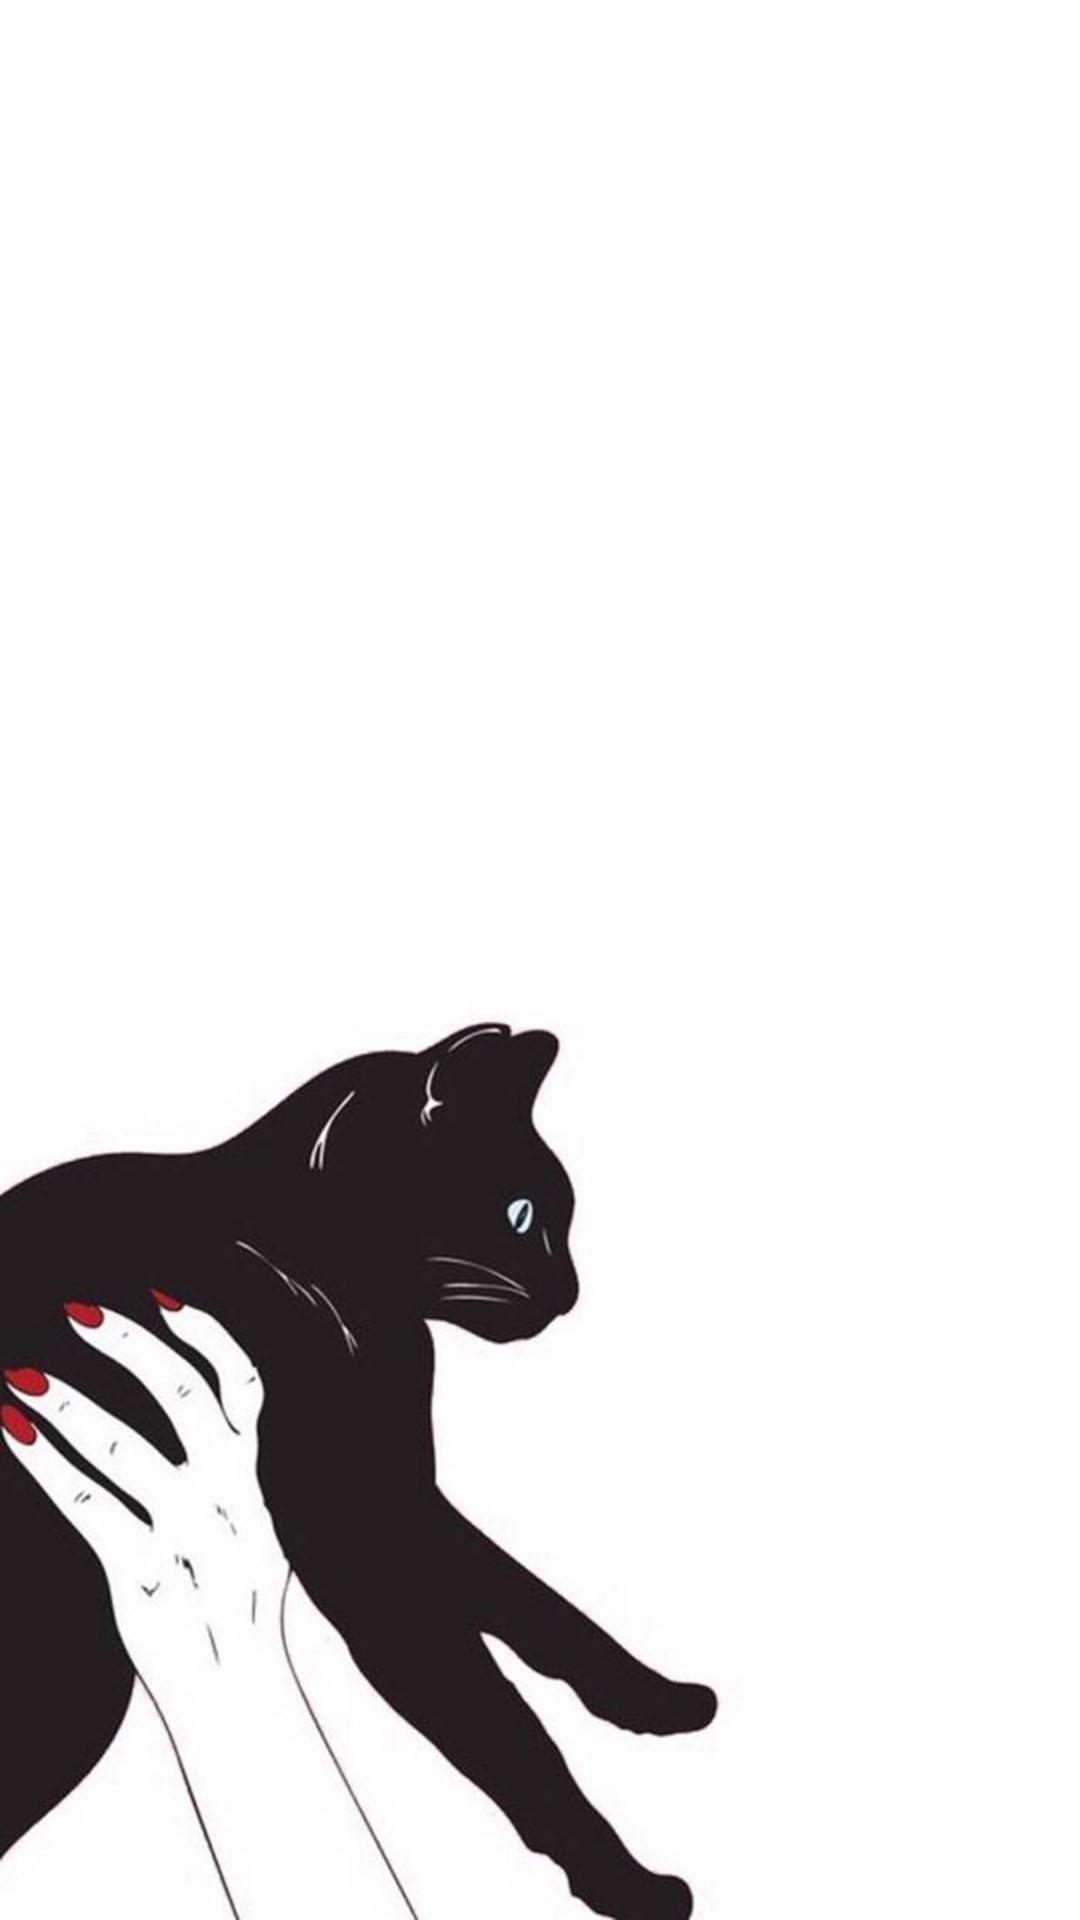 手绘 黑猫